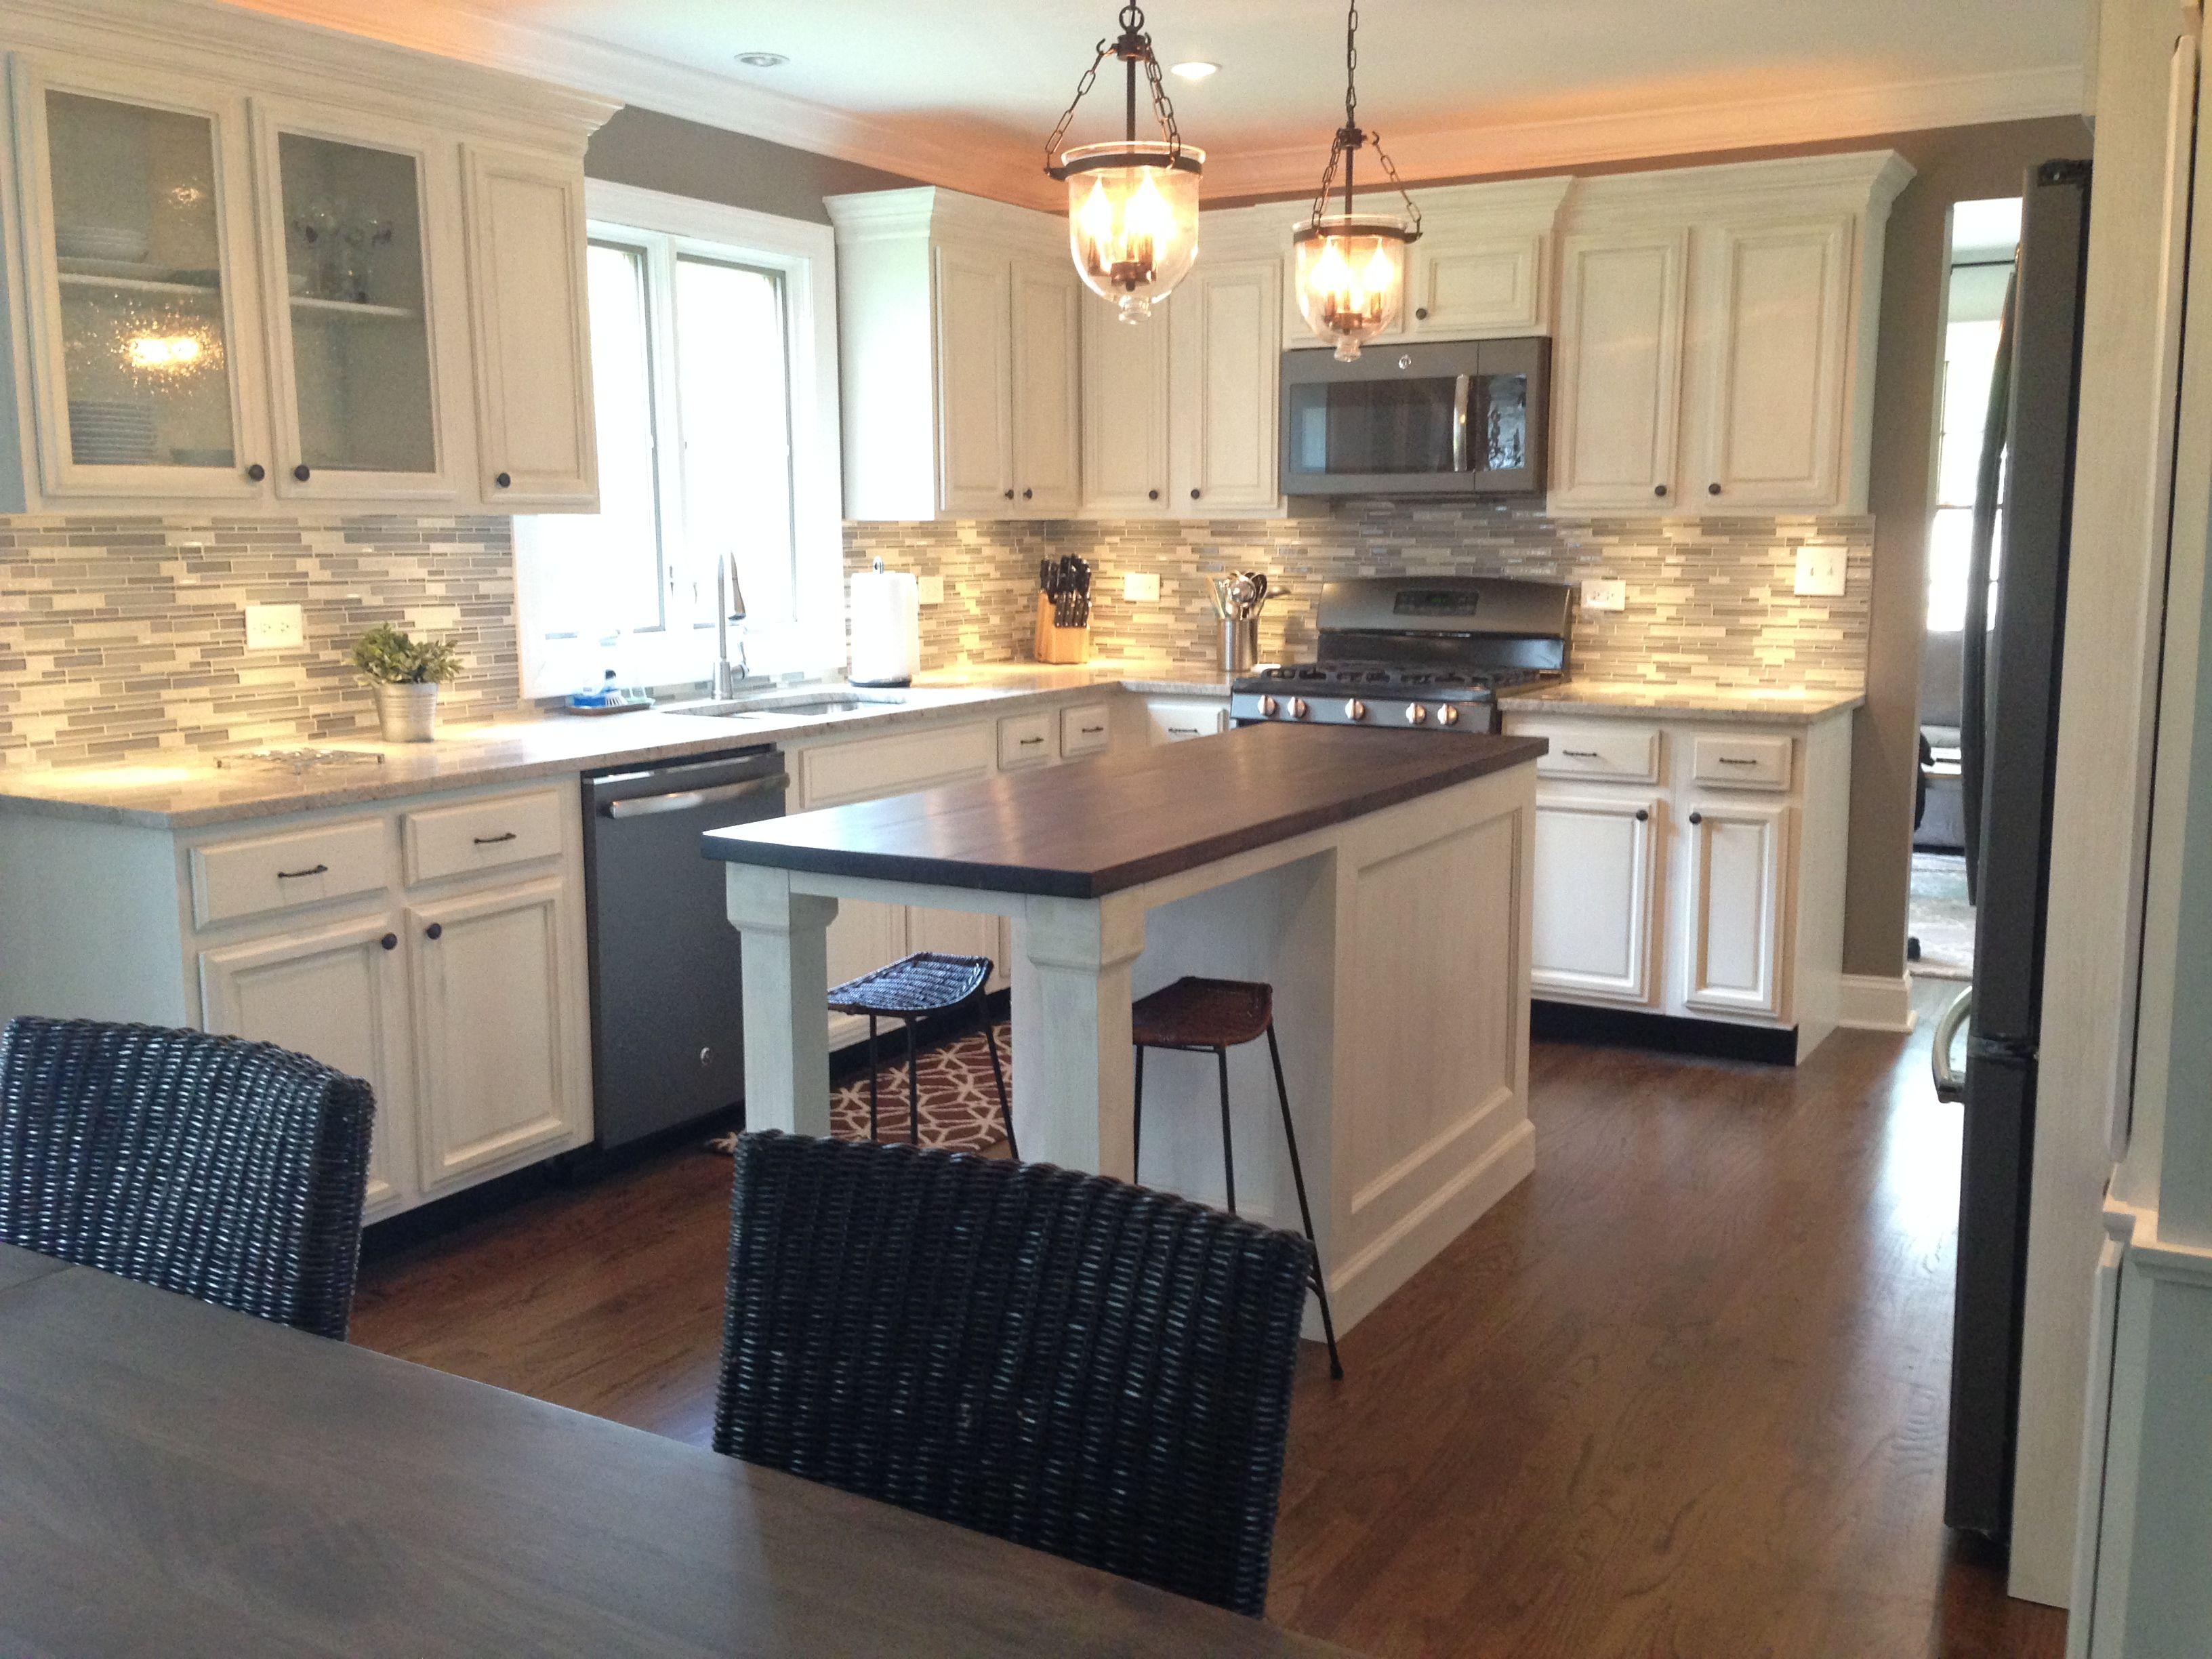 Best Kitchen Remodel Butcher Block Island Tile Backsplash 400 x 300